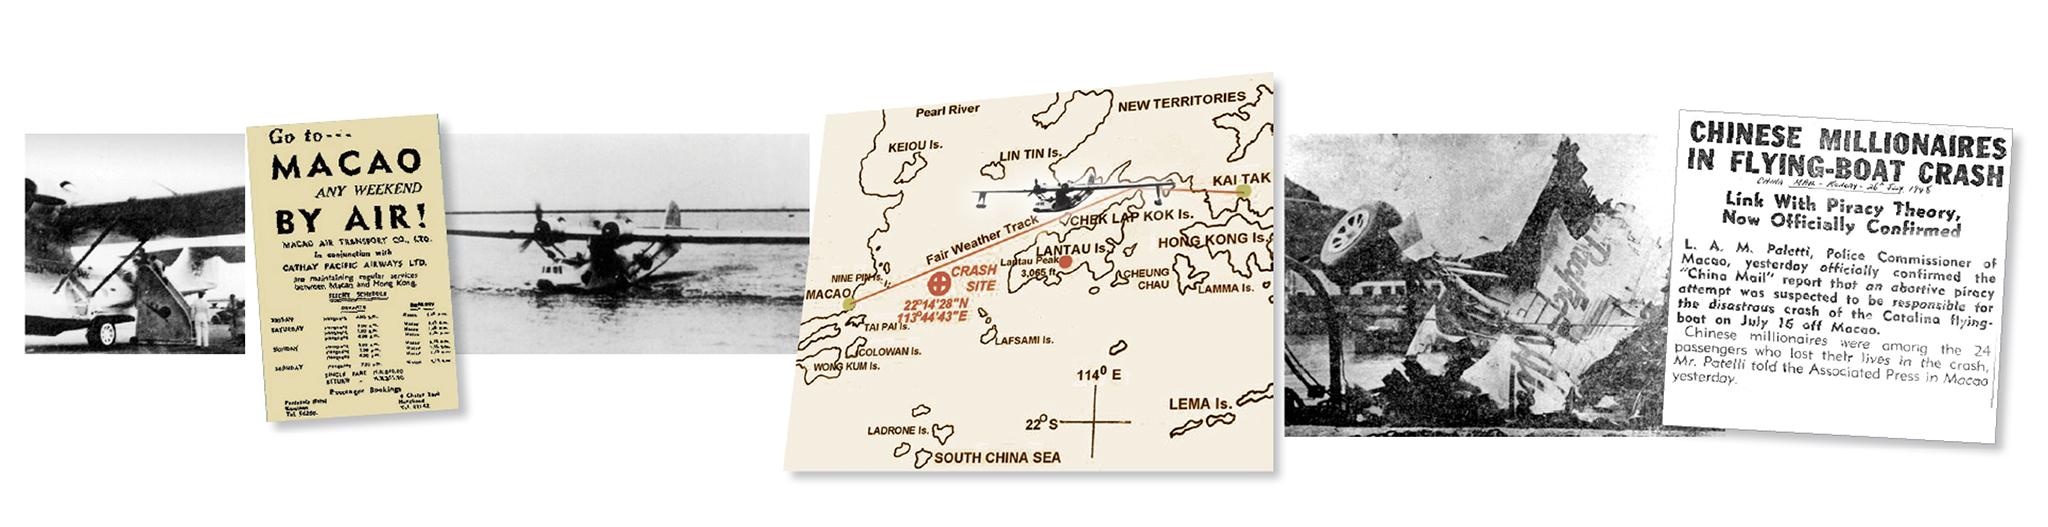 Faz hoje 70 anos que descolou de Macau o primeiro avião comercial a ser sequestrado por piratas do ar